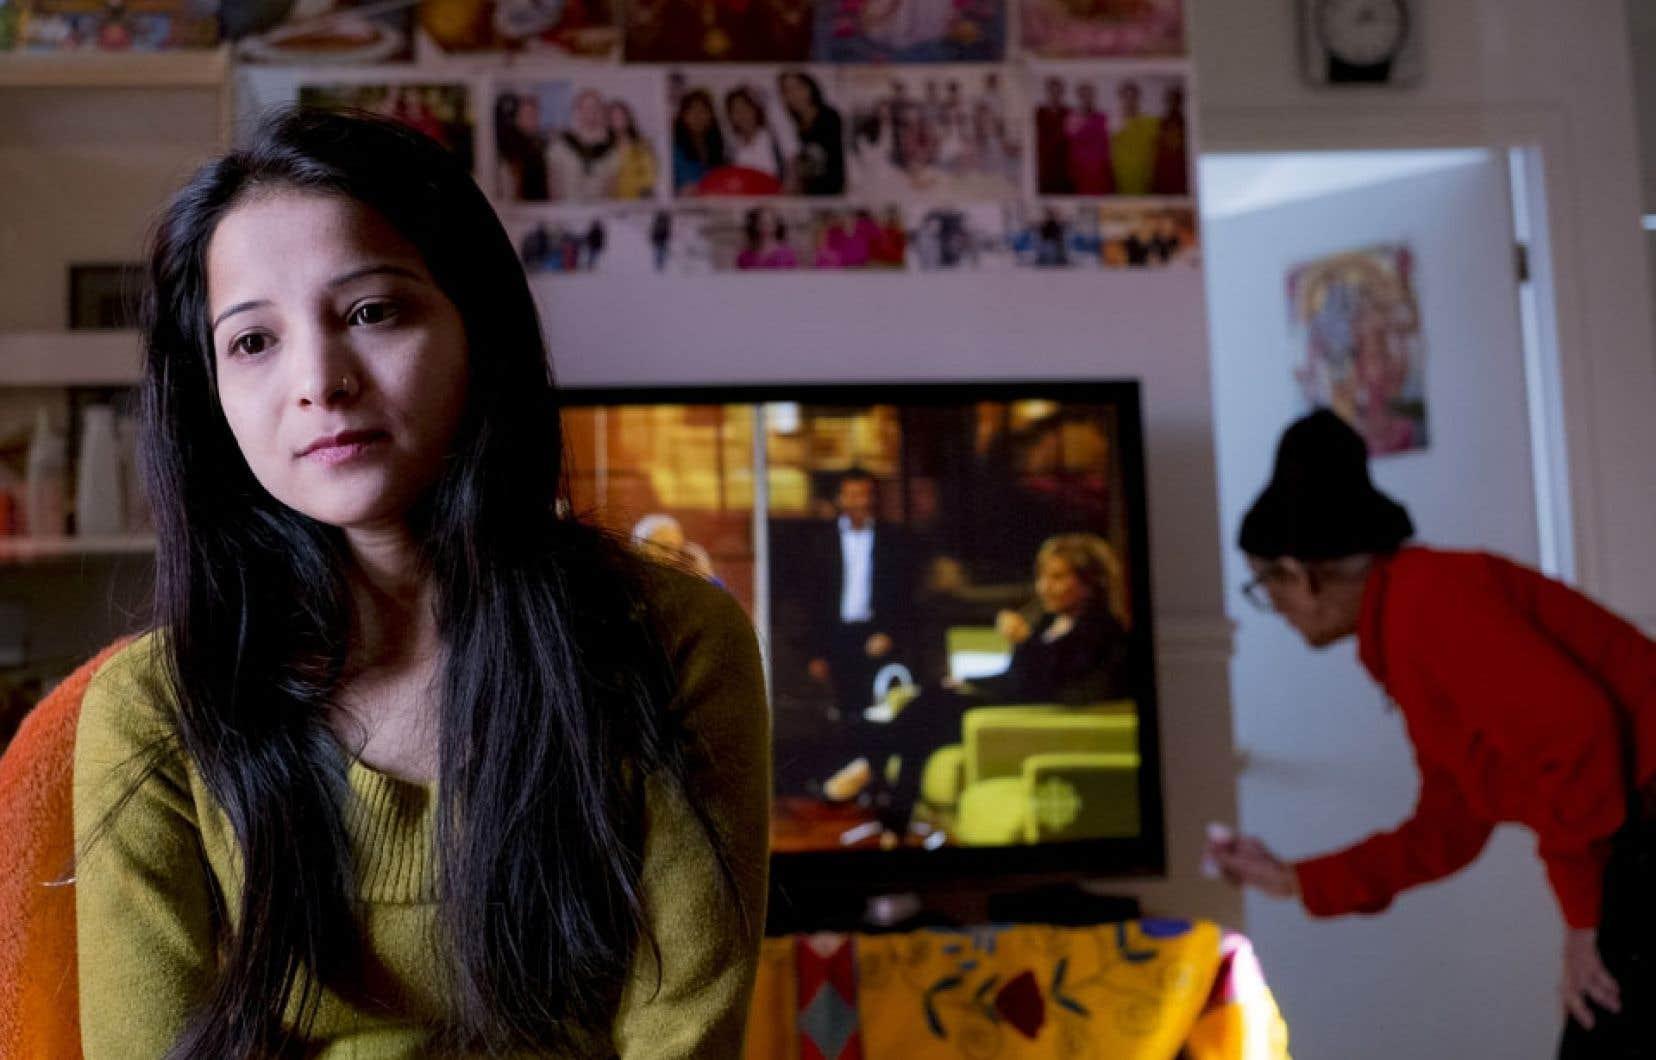 népalais sites de rencontres gratuits